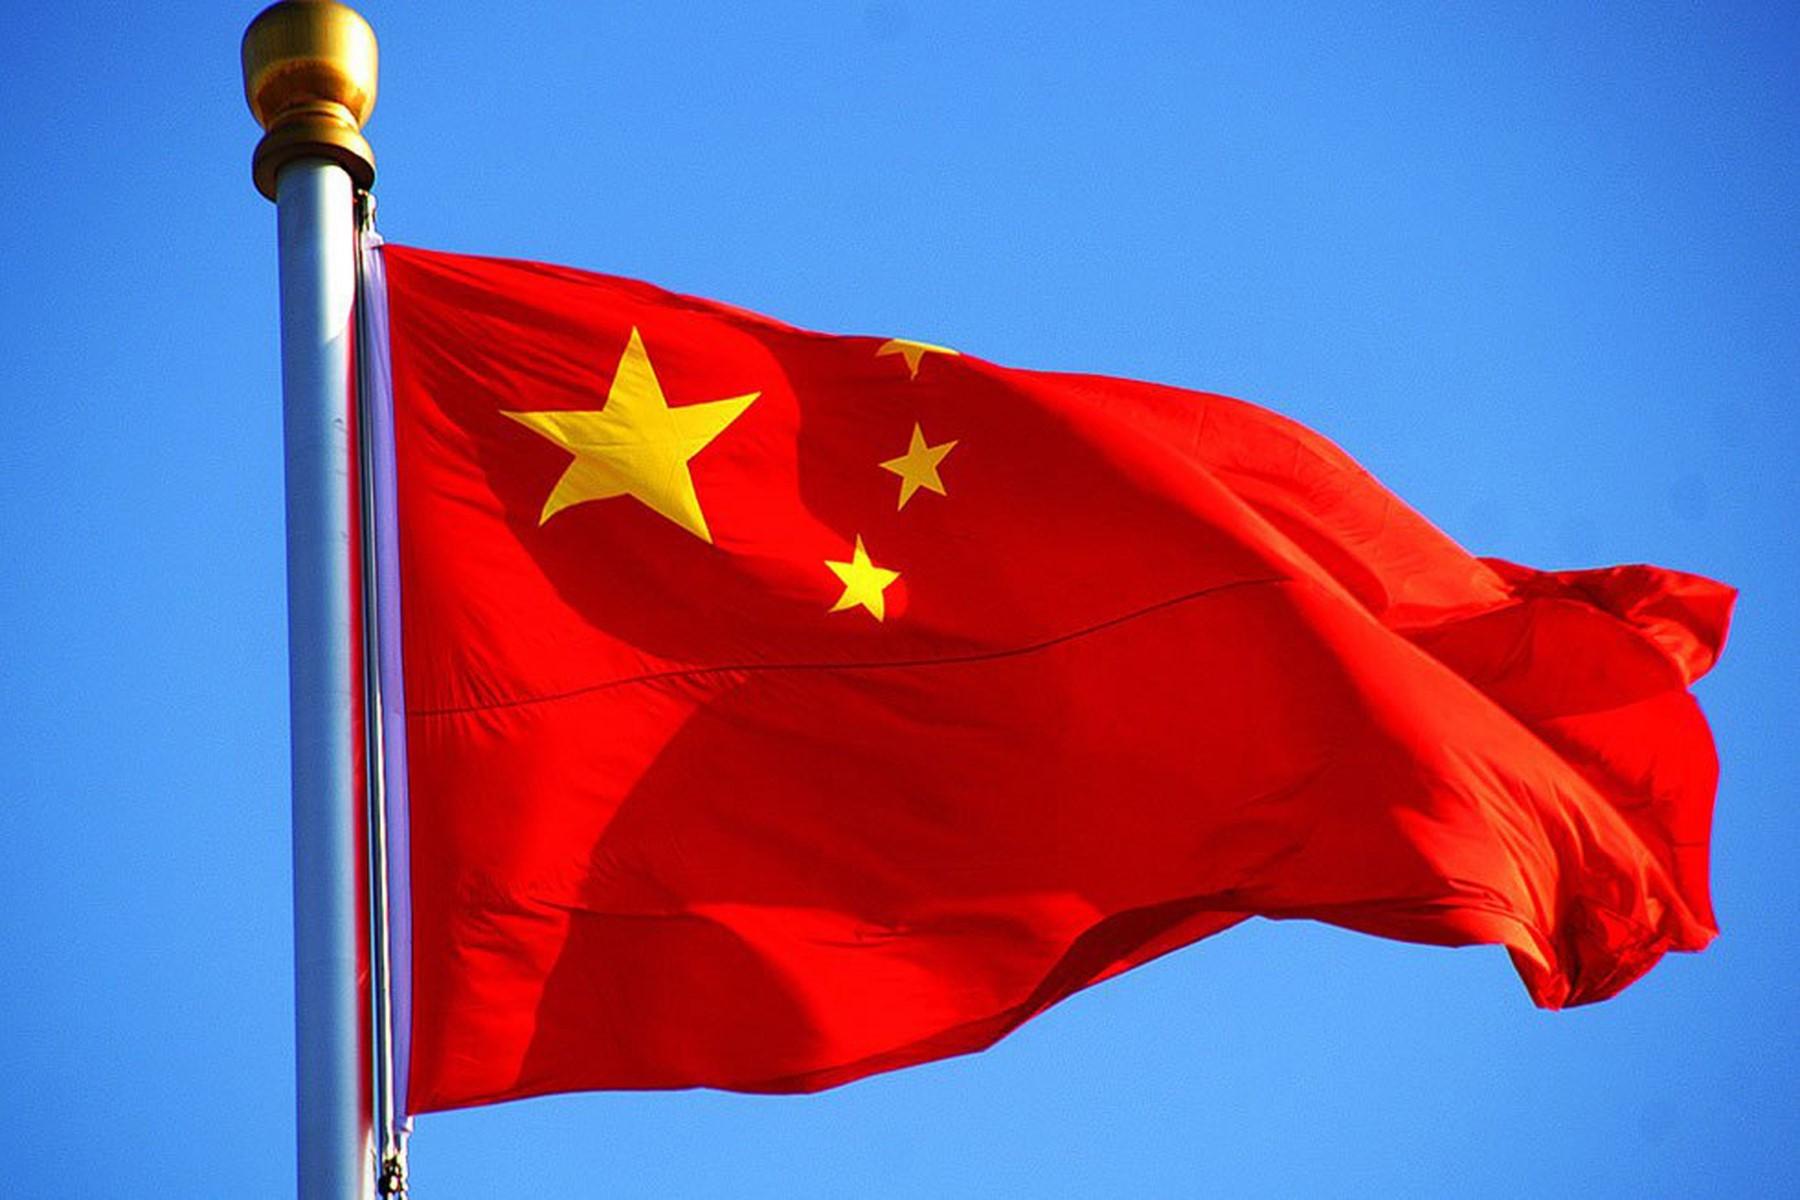 واردات الصين من النفط الأمريكي ستبلغ مستوى قياسيا في يوليو